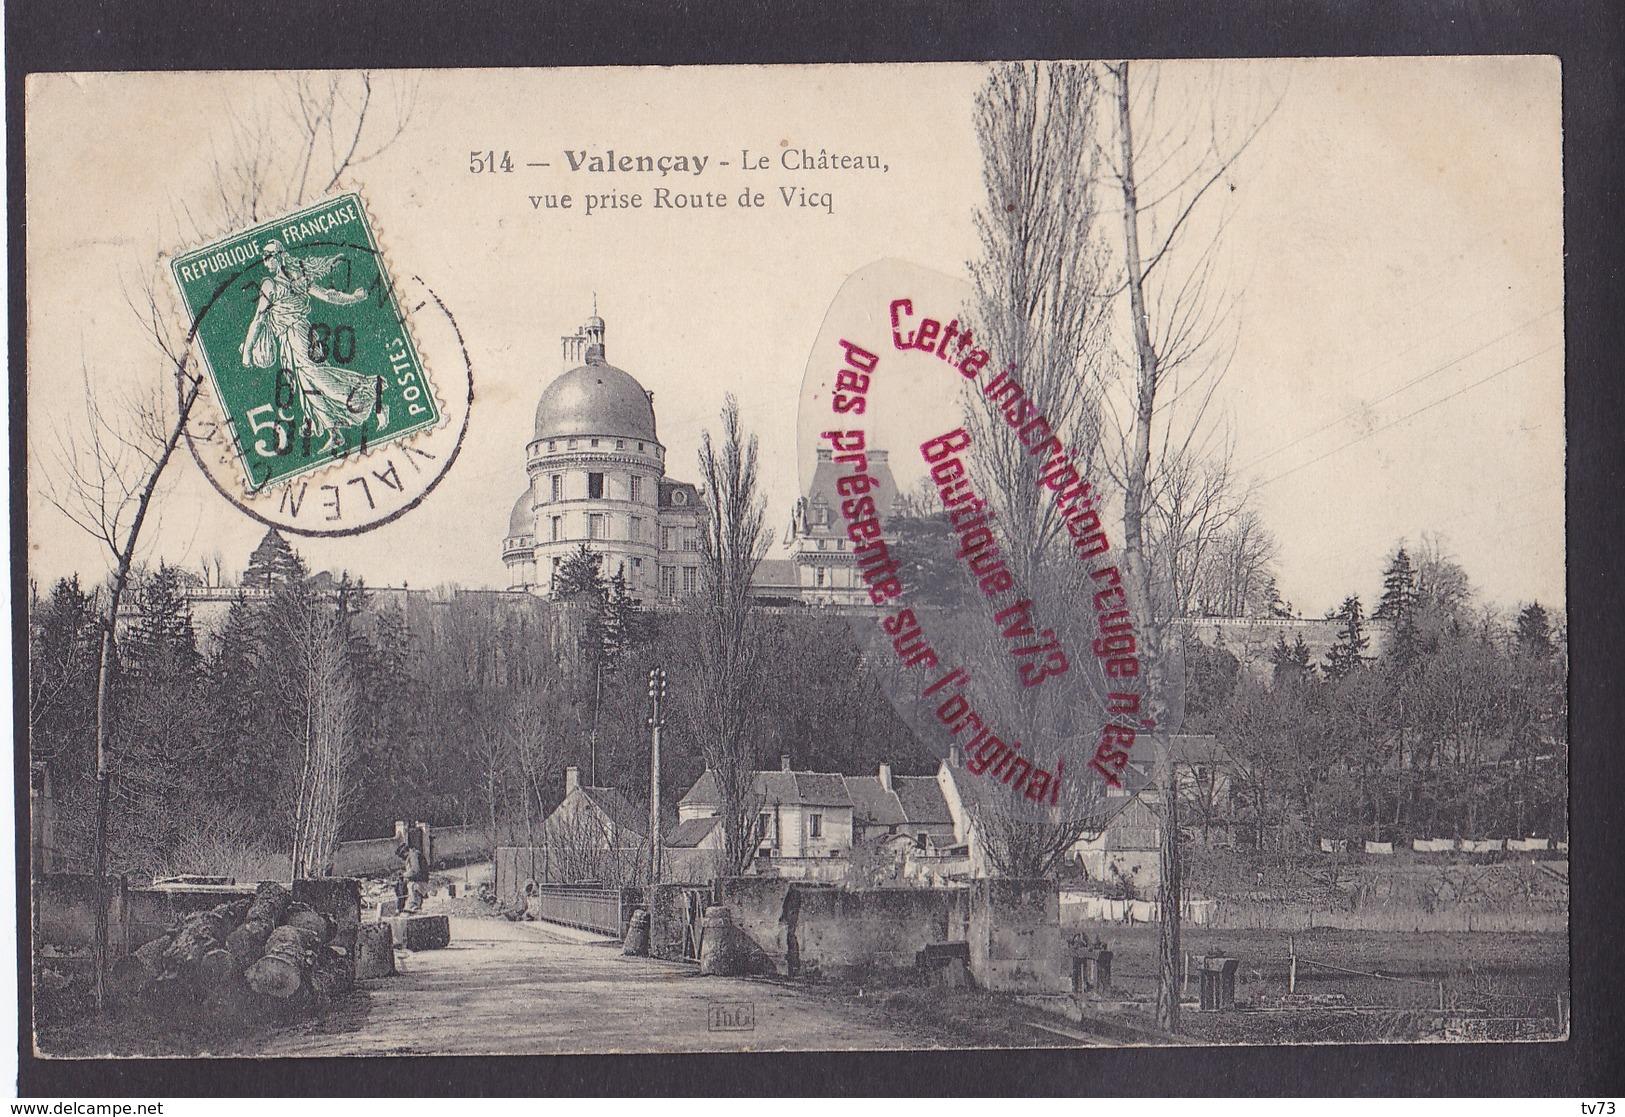 Q0220 - VALENCAY Le Chateau - Vue Prise Route De Vicq - Indre - Francia